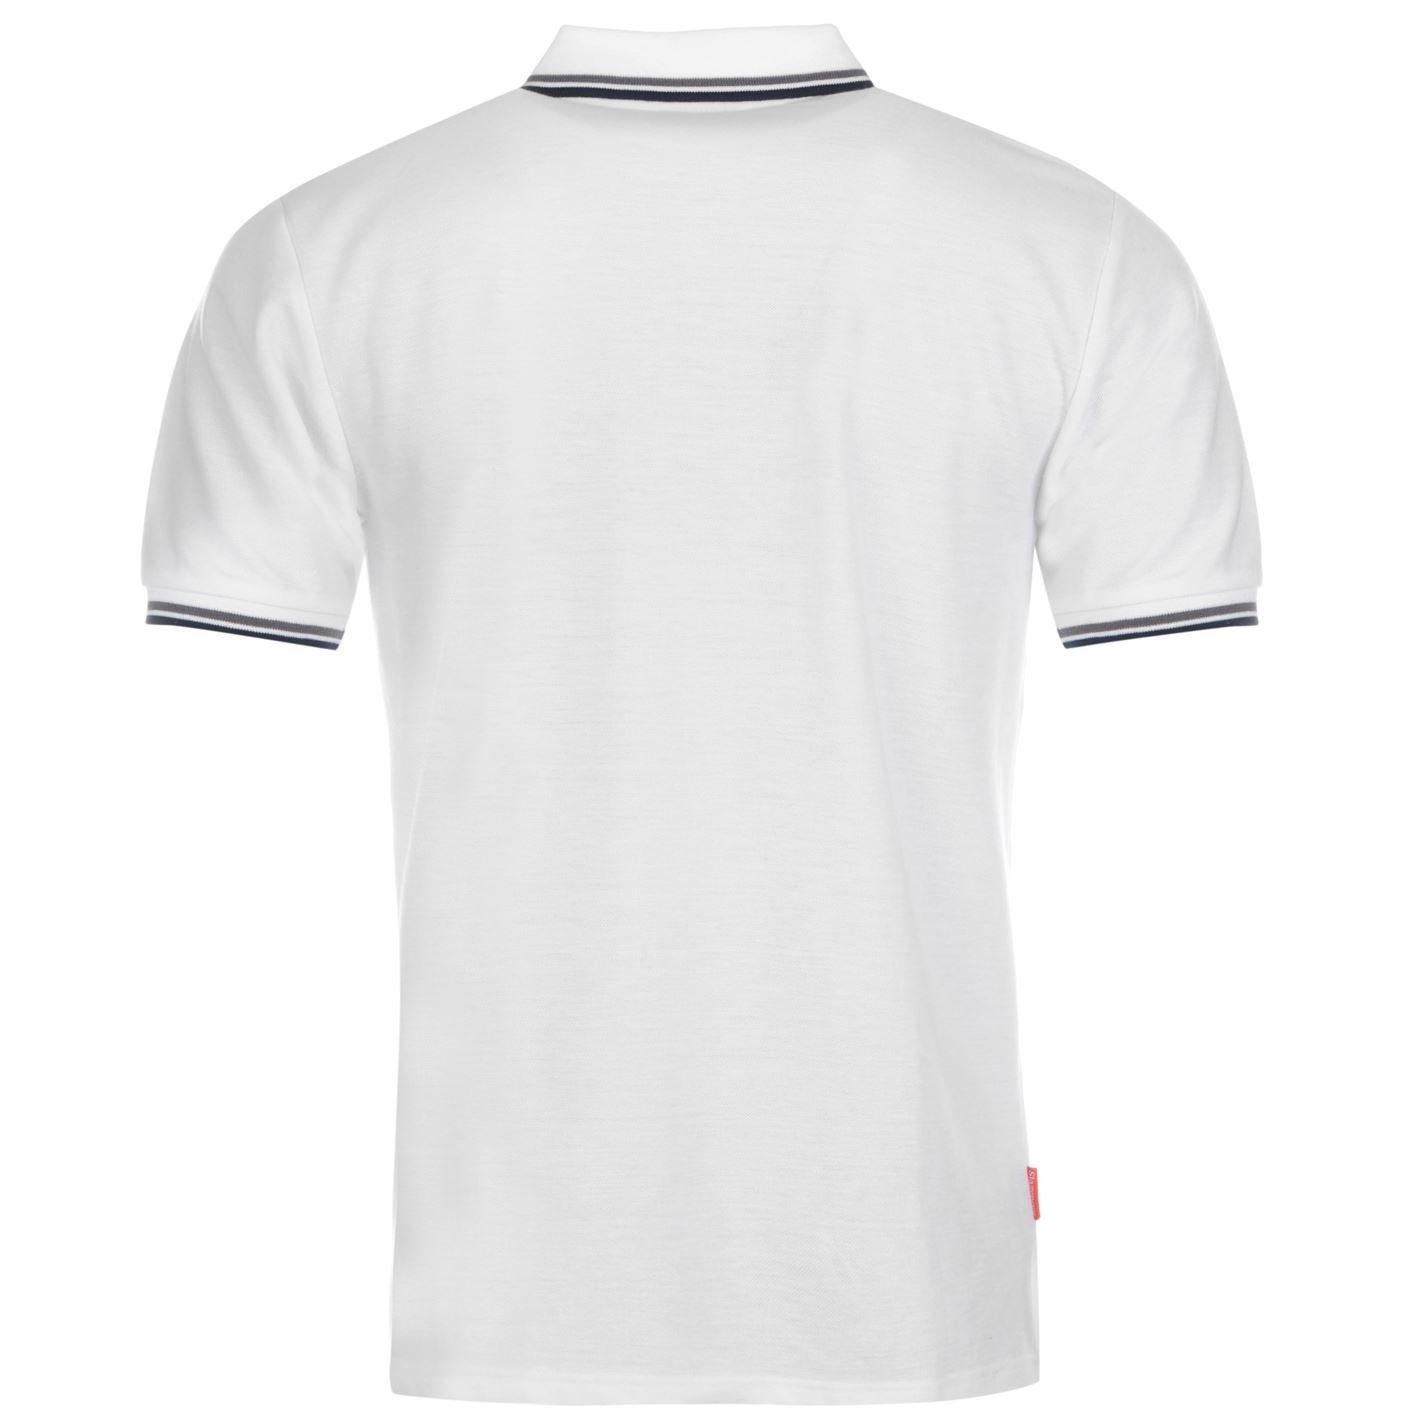 Slazenger Polo pour homme avec pointe Dessus blanc T-shirt Tee XXL blanc Io3NewzA